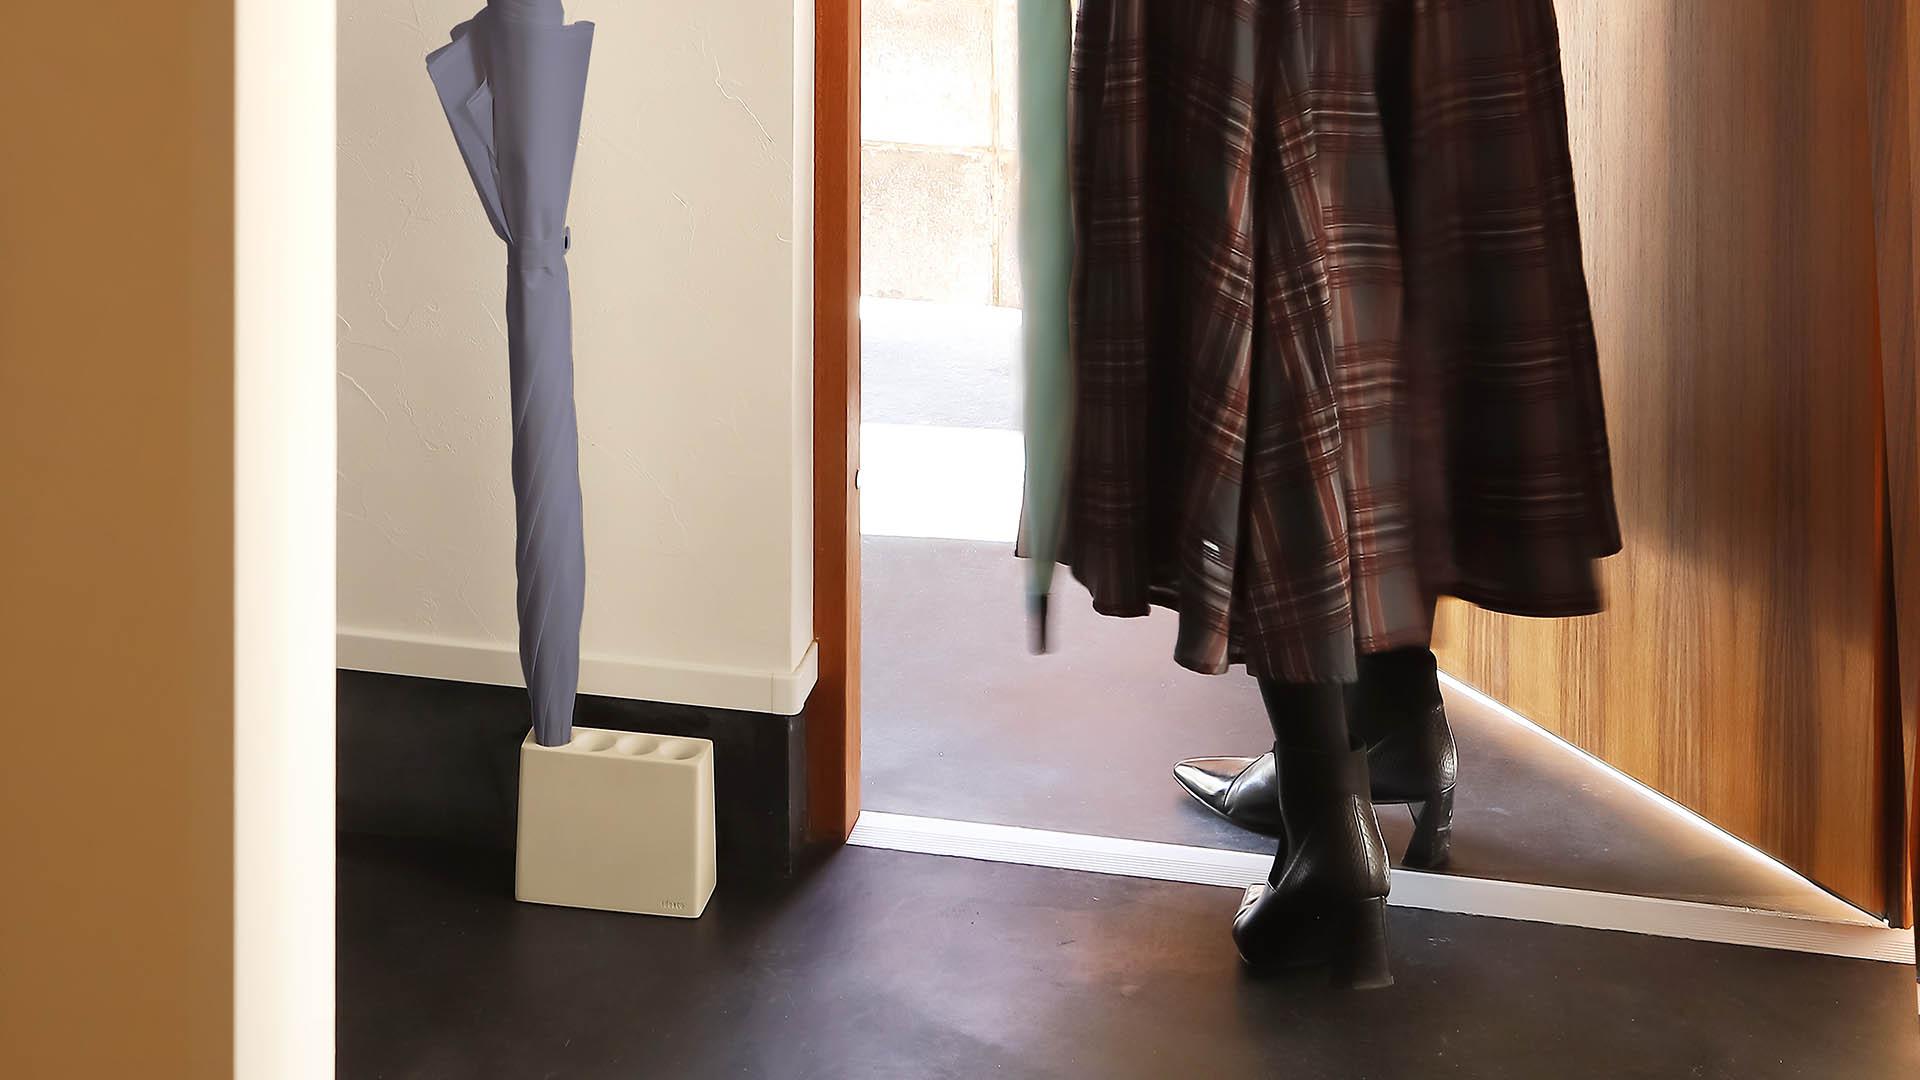 レイングッズ特集 2021 / インテリアショップroomy | ideaco umbrella stand slim2 / イデアコ アンブレラスタンド スリム2